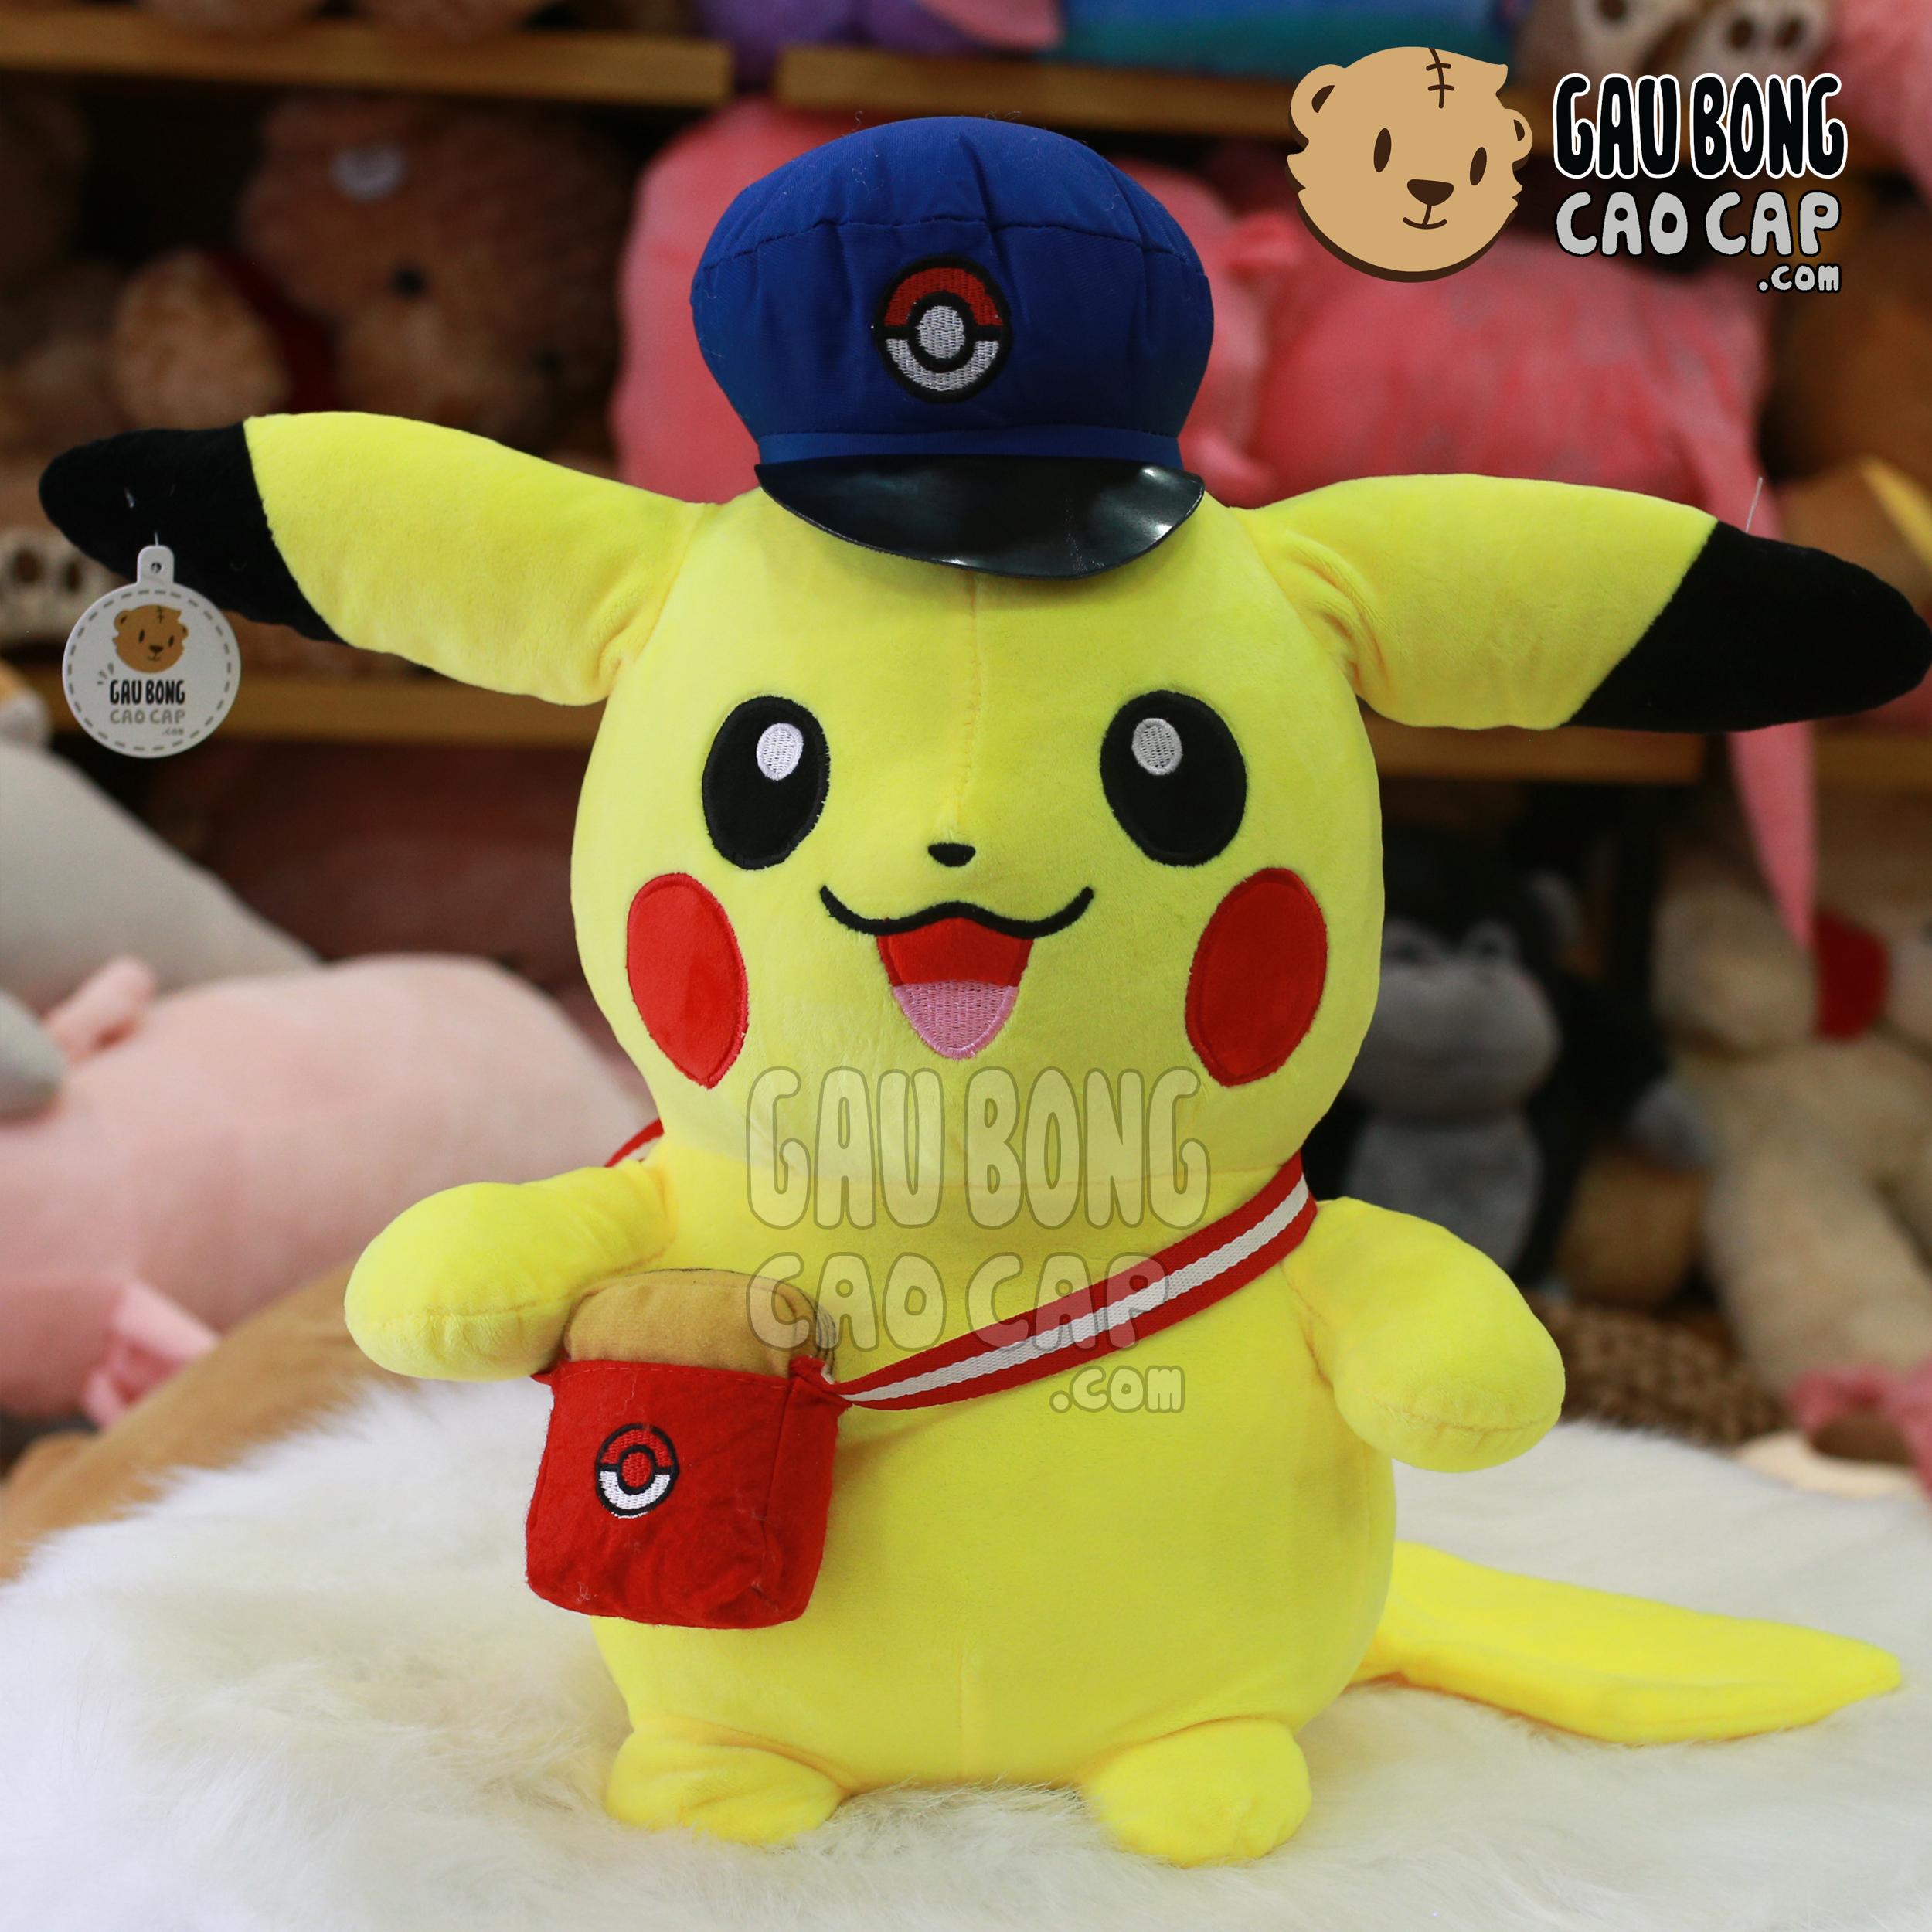 Gấu bông Pikachu đeo túi